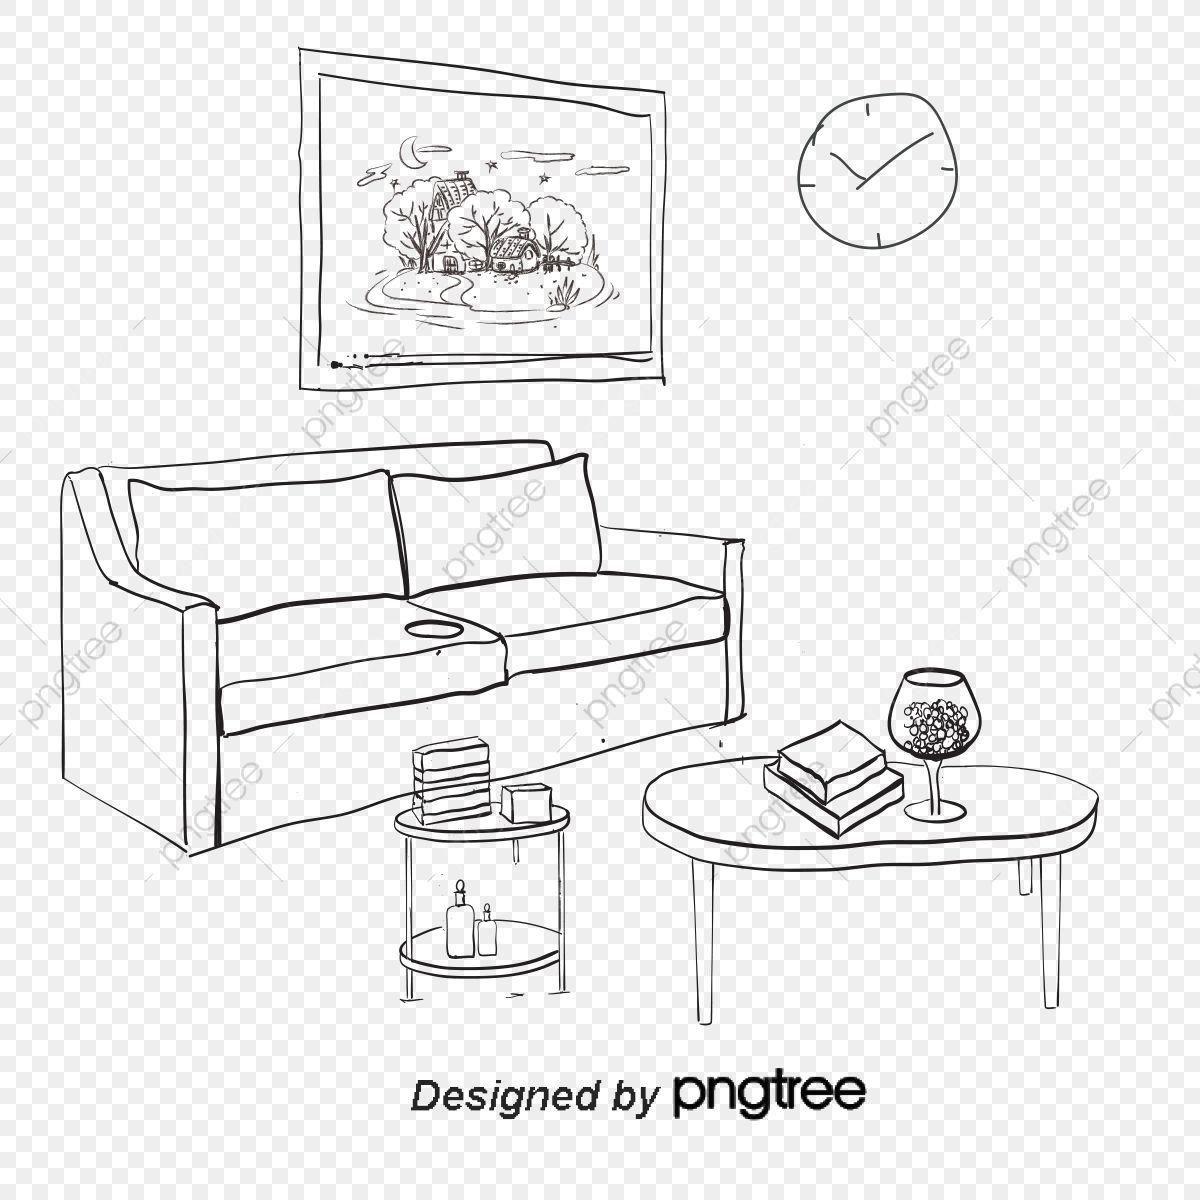 دراسة مكتب غرفة المعيشة غرفة نوم غرفة فنية رف الكتب الوطن المشهد Png والمتجهات للتحميل مجانا Room Living Room Living Room Bedroom